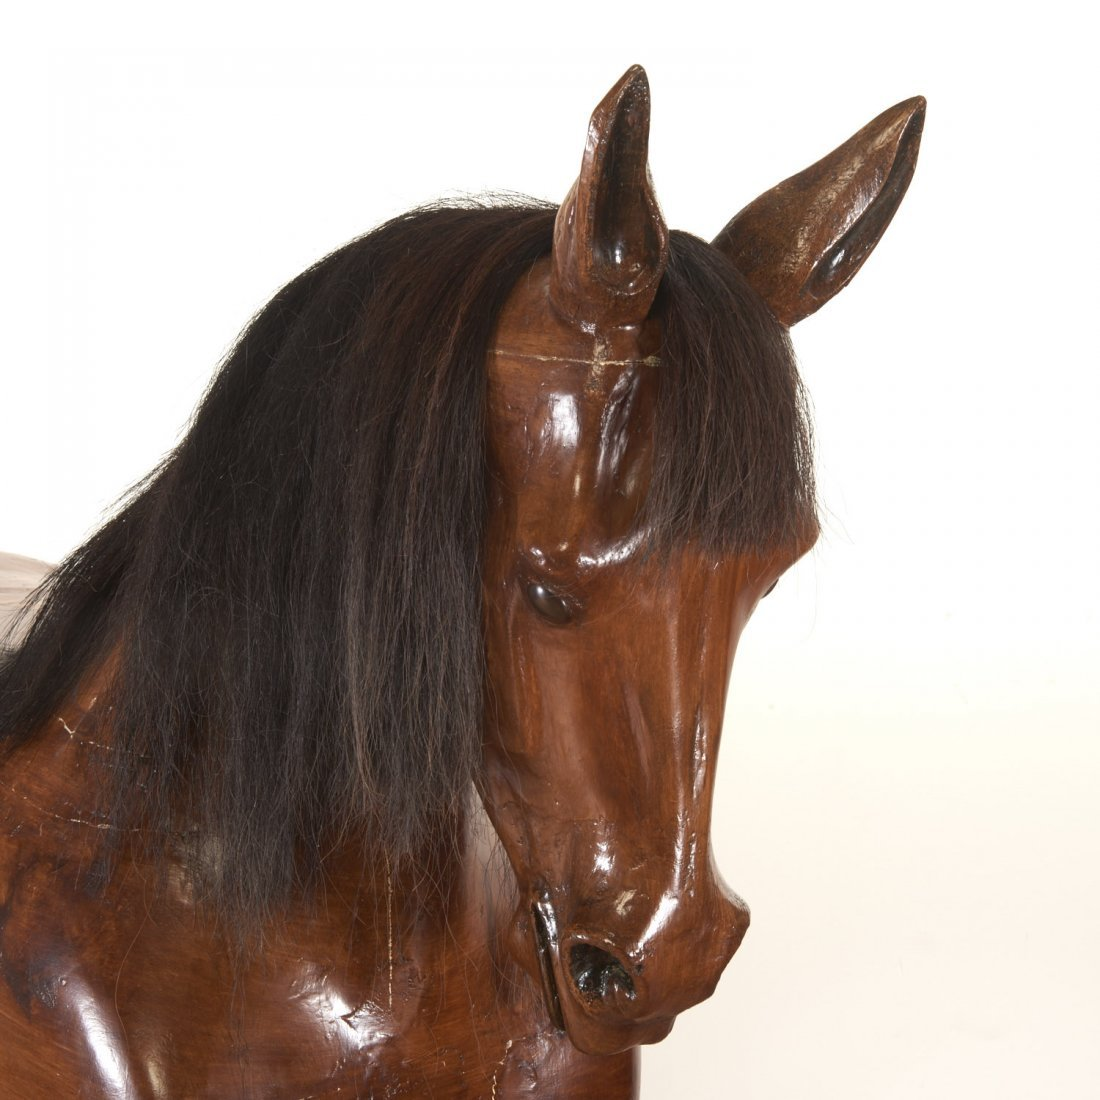 Antique tack shop/saddlery horse mannequin - 2